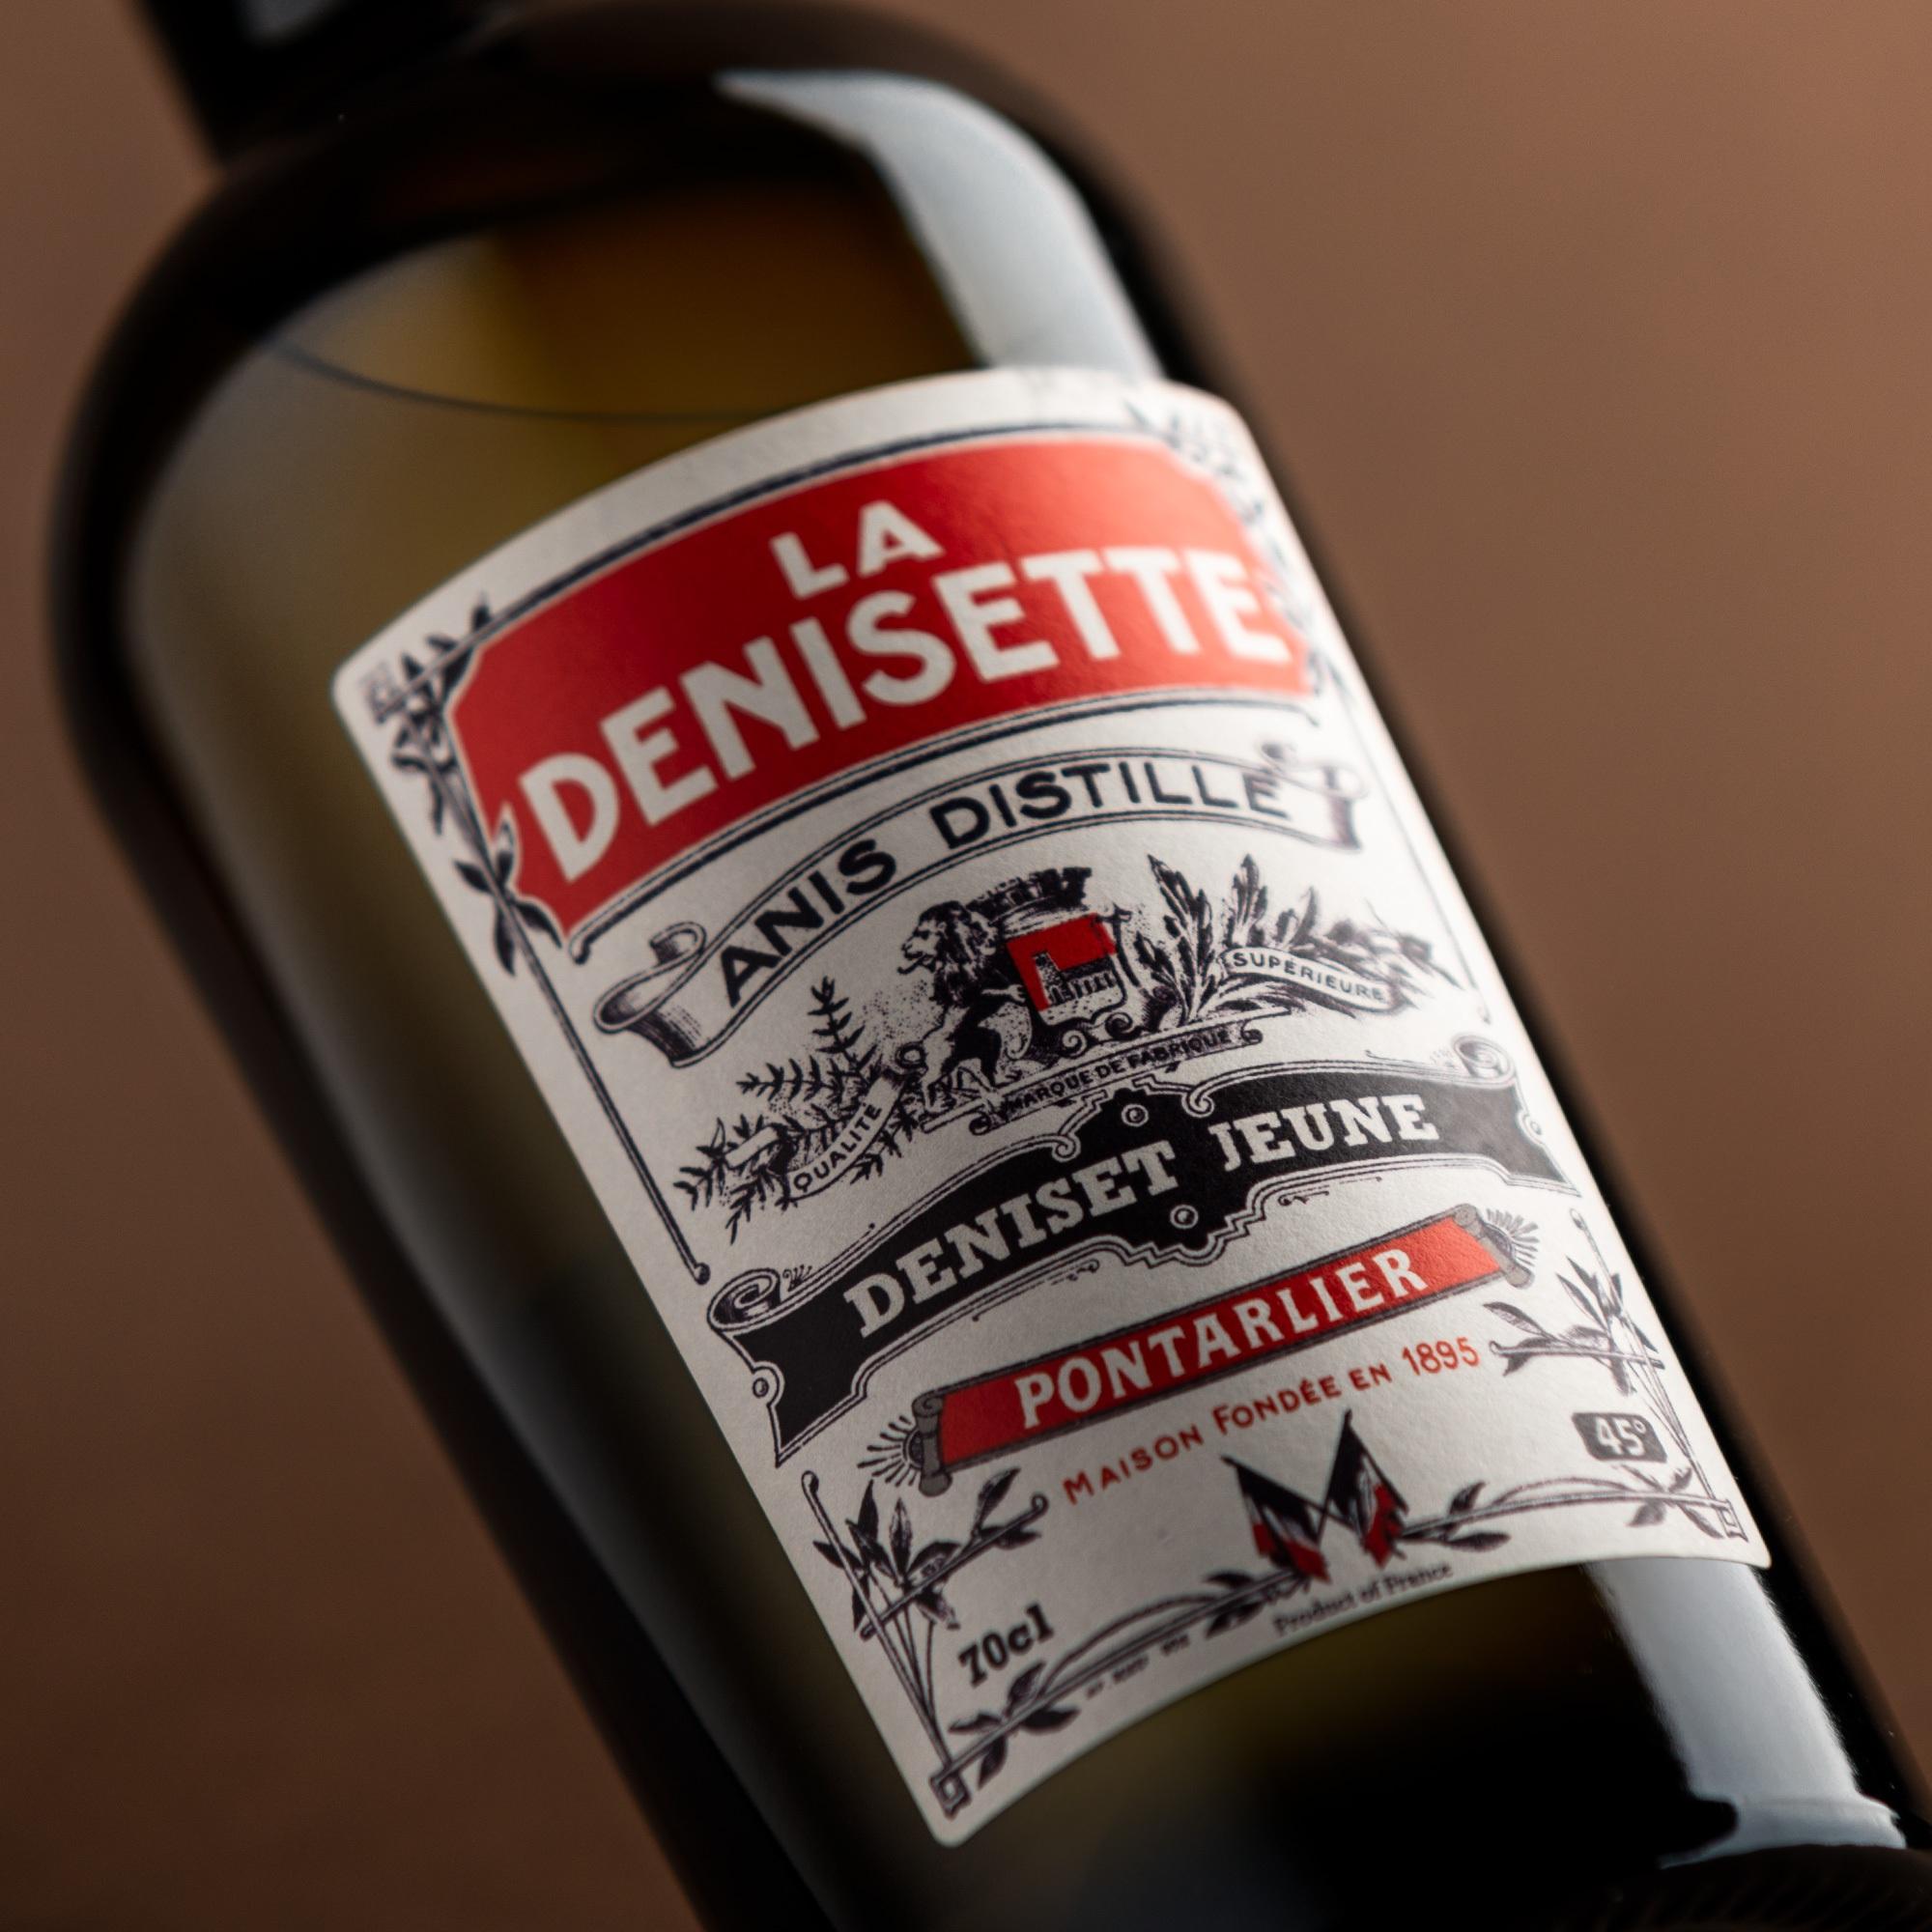 Denisette